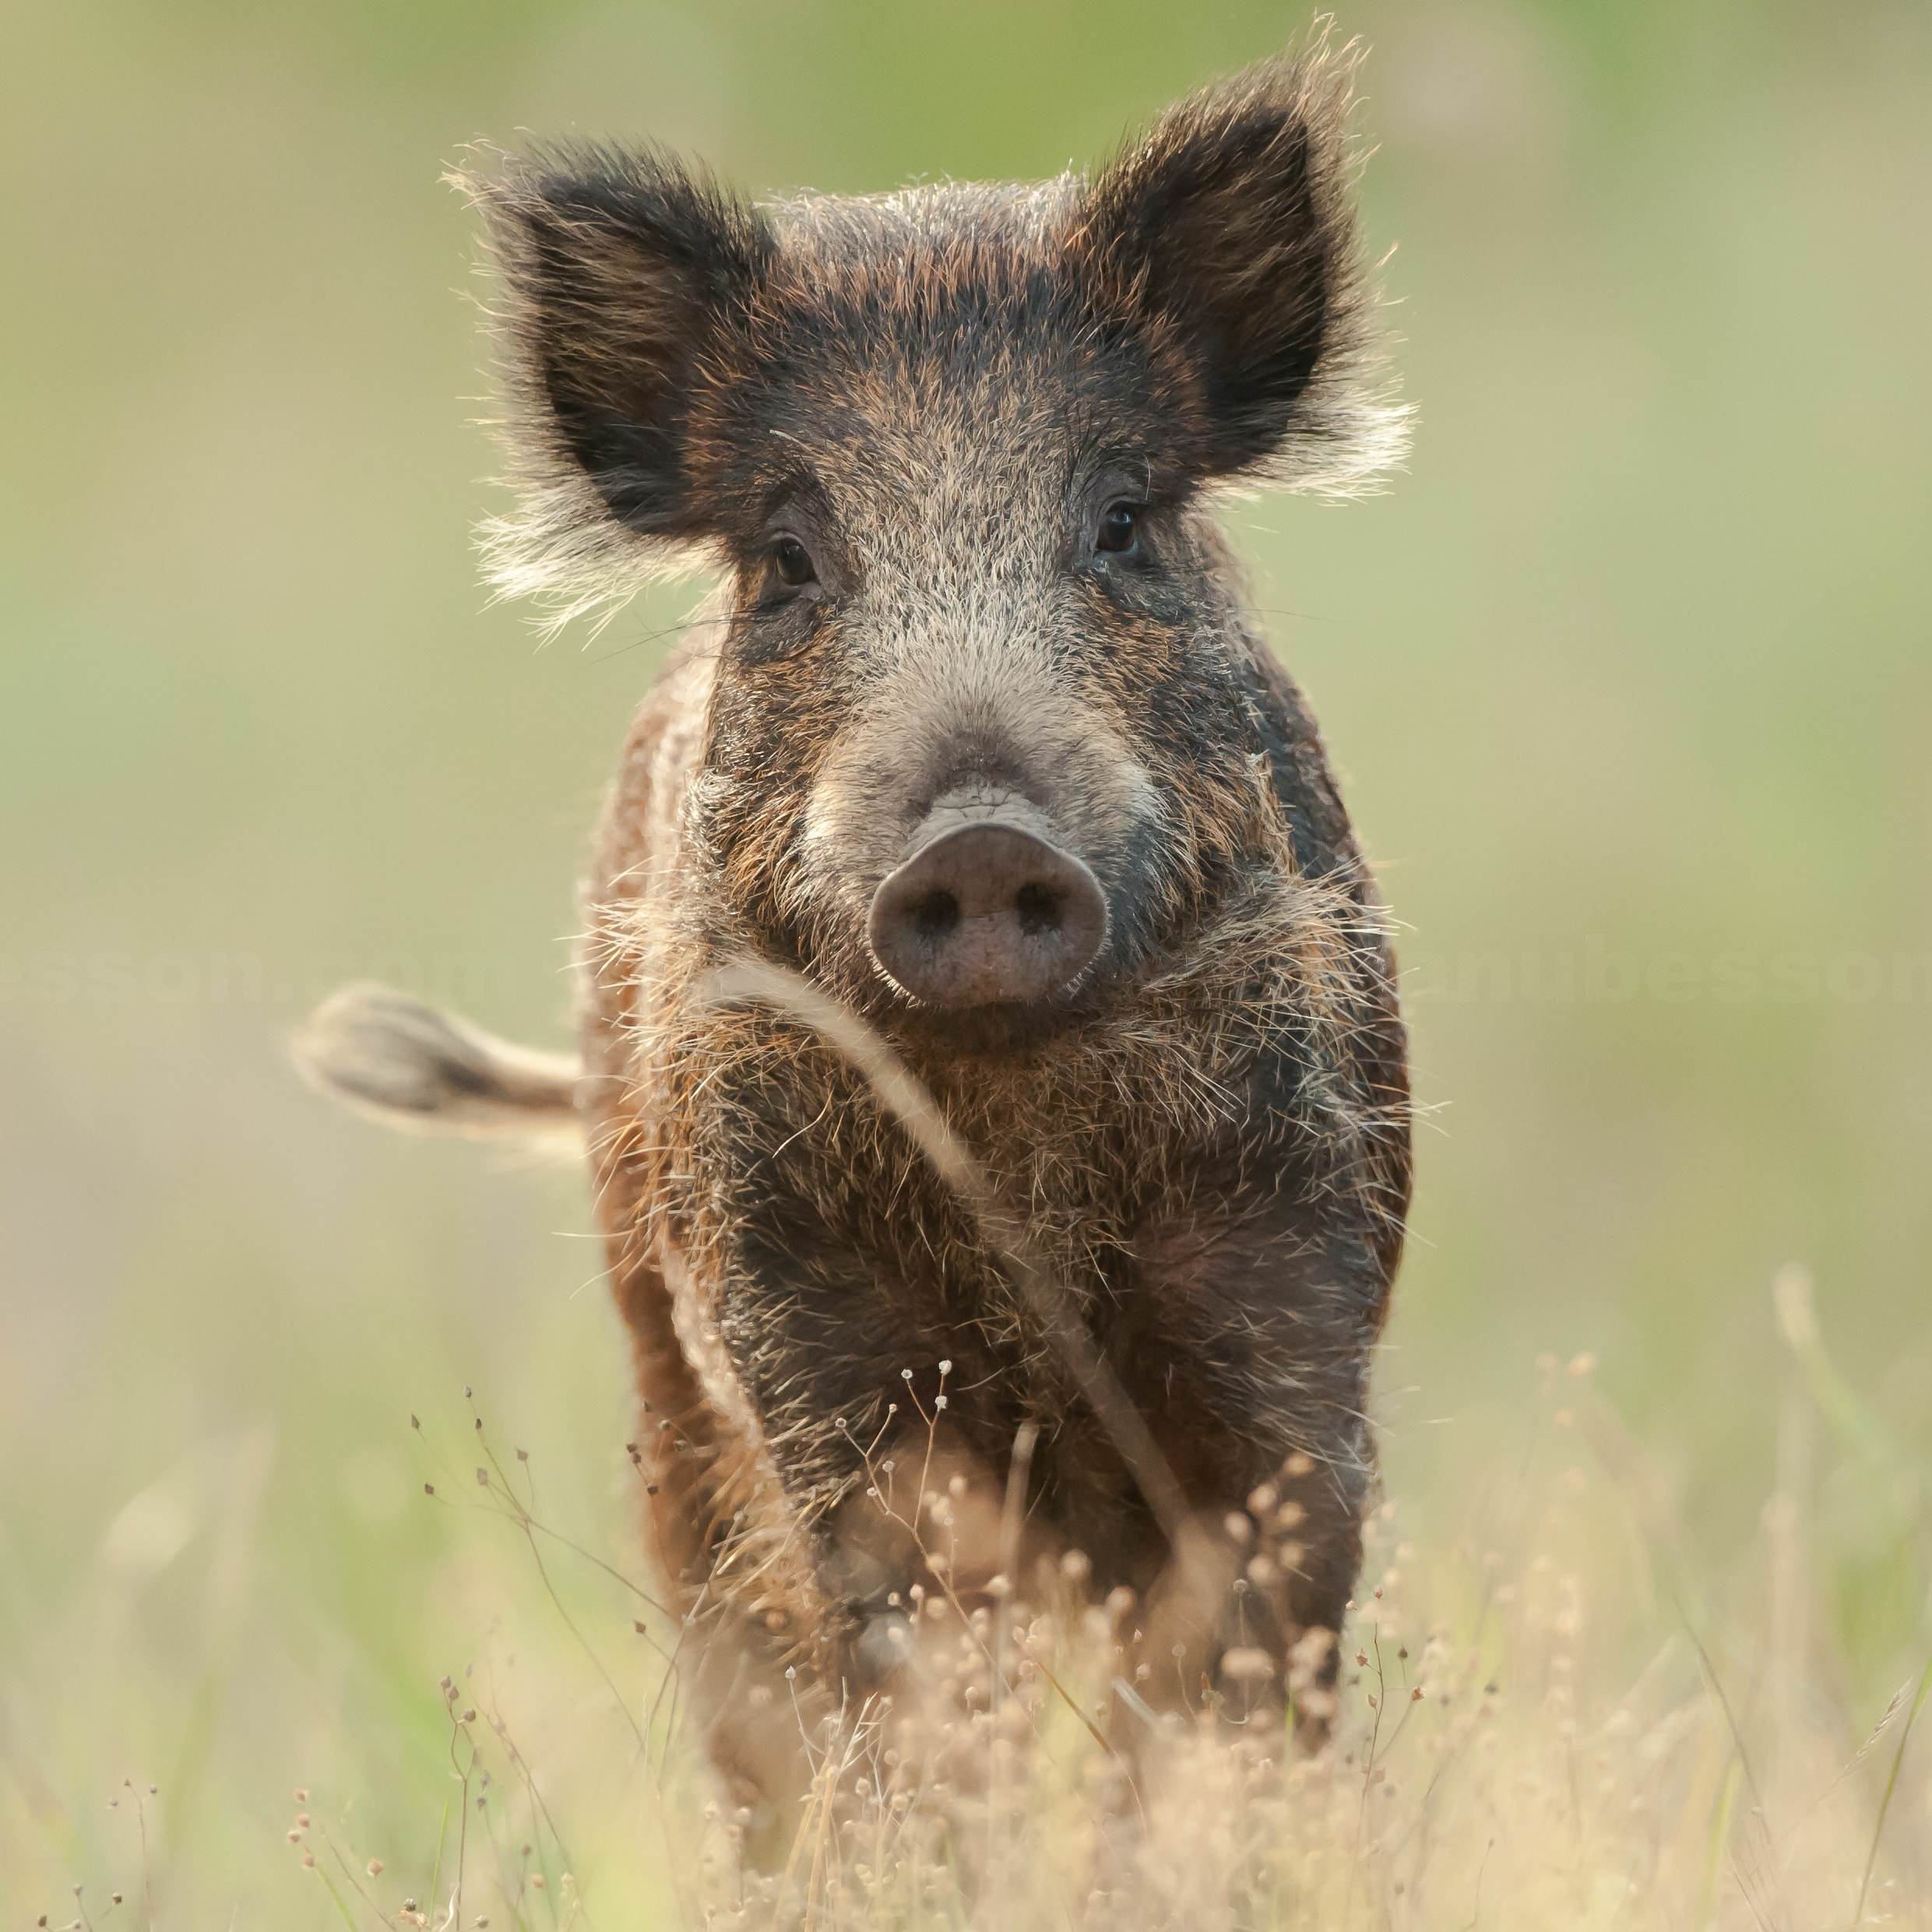 Wildschweine in Brandenburg wurden positiv auf die Afrikanische Schweinegrippe getestet